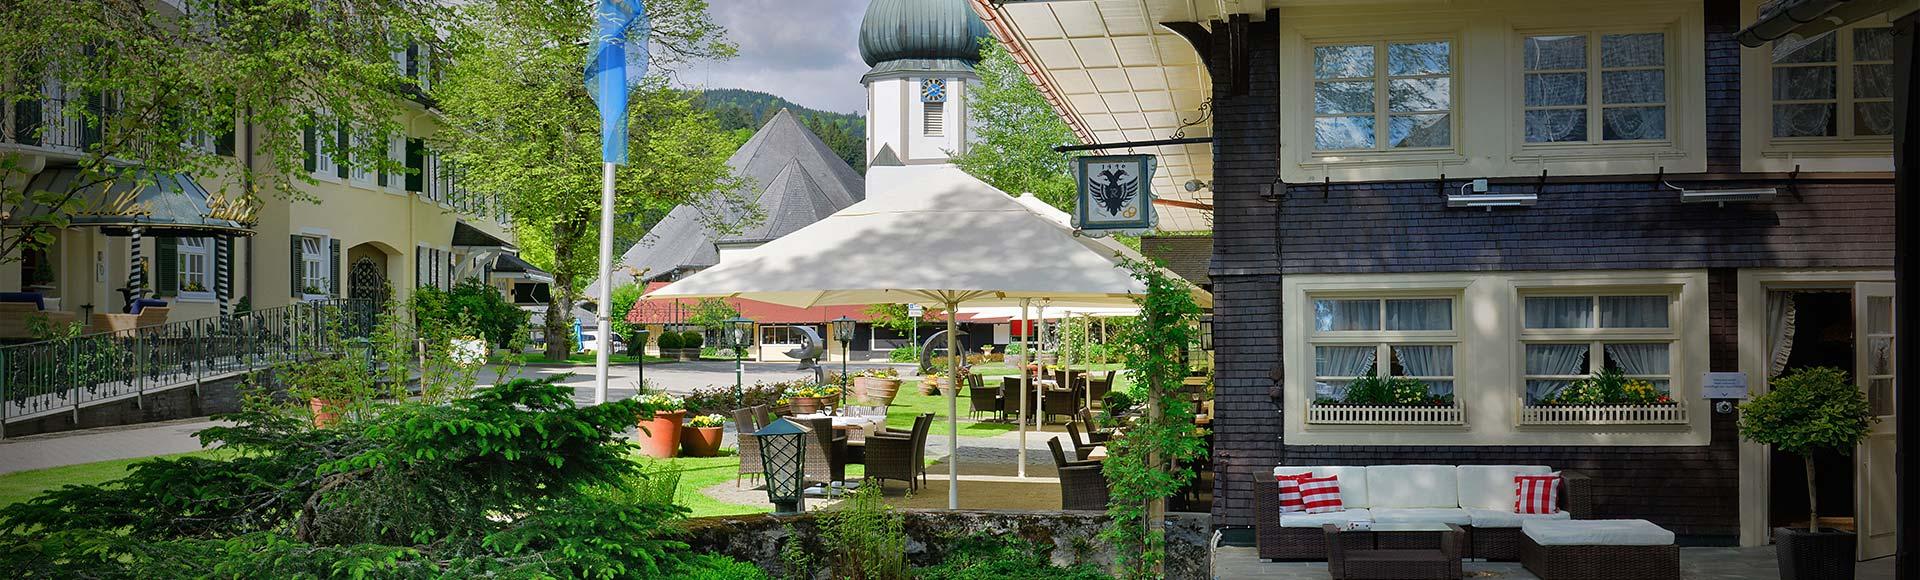 Historisches hotel im schwarzwald mit wellness und genuss for Designer hotel schwarzwald